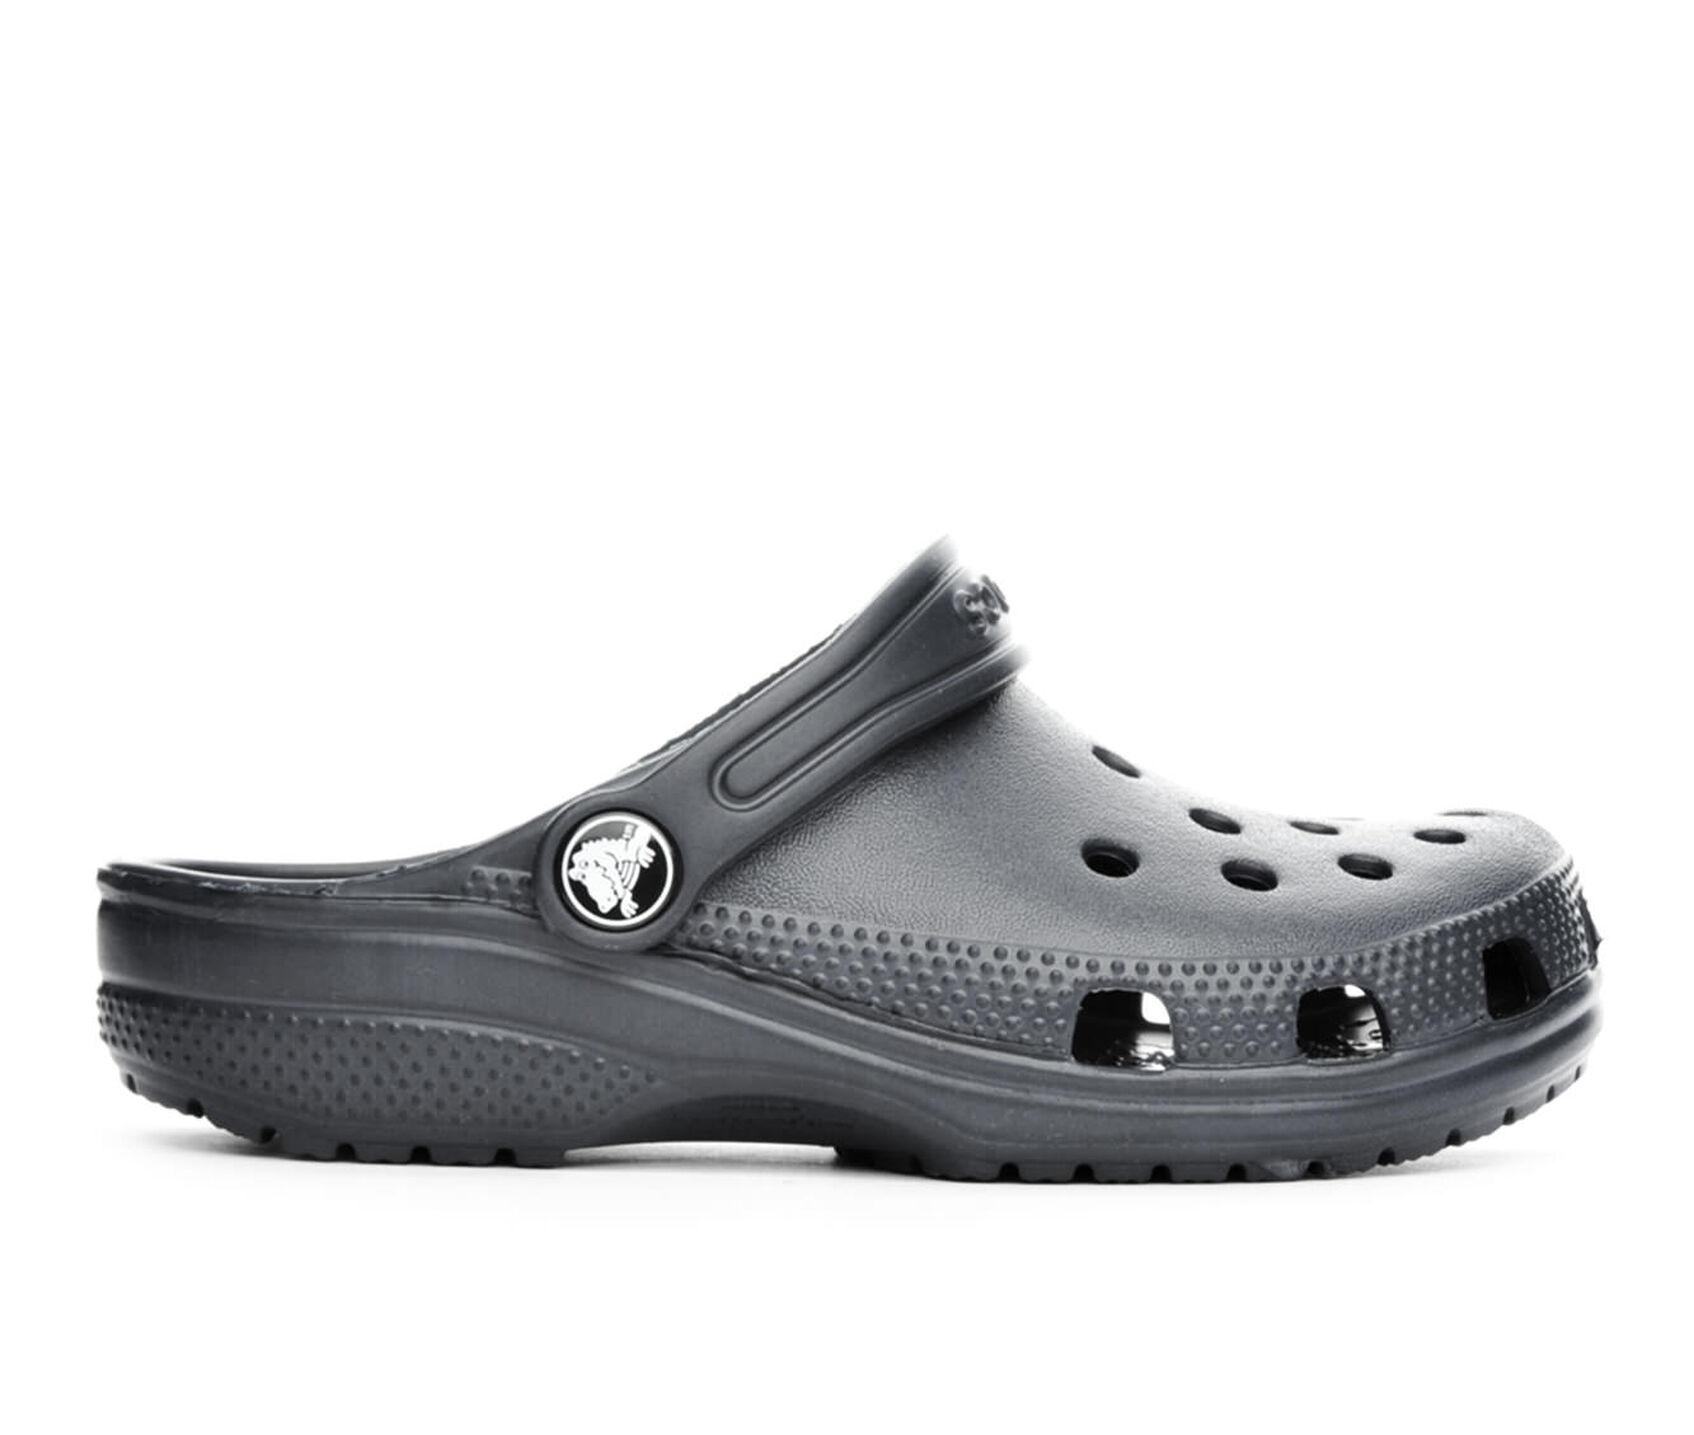 9d13dce151 Kids' Crocs Little Kid Classic Clog | Shoe Carnival